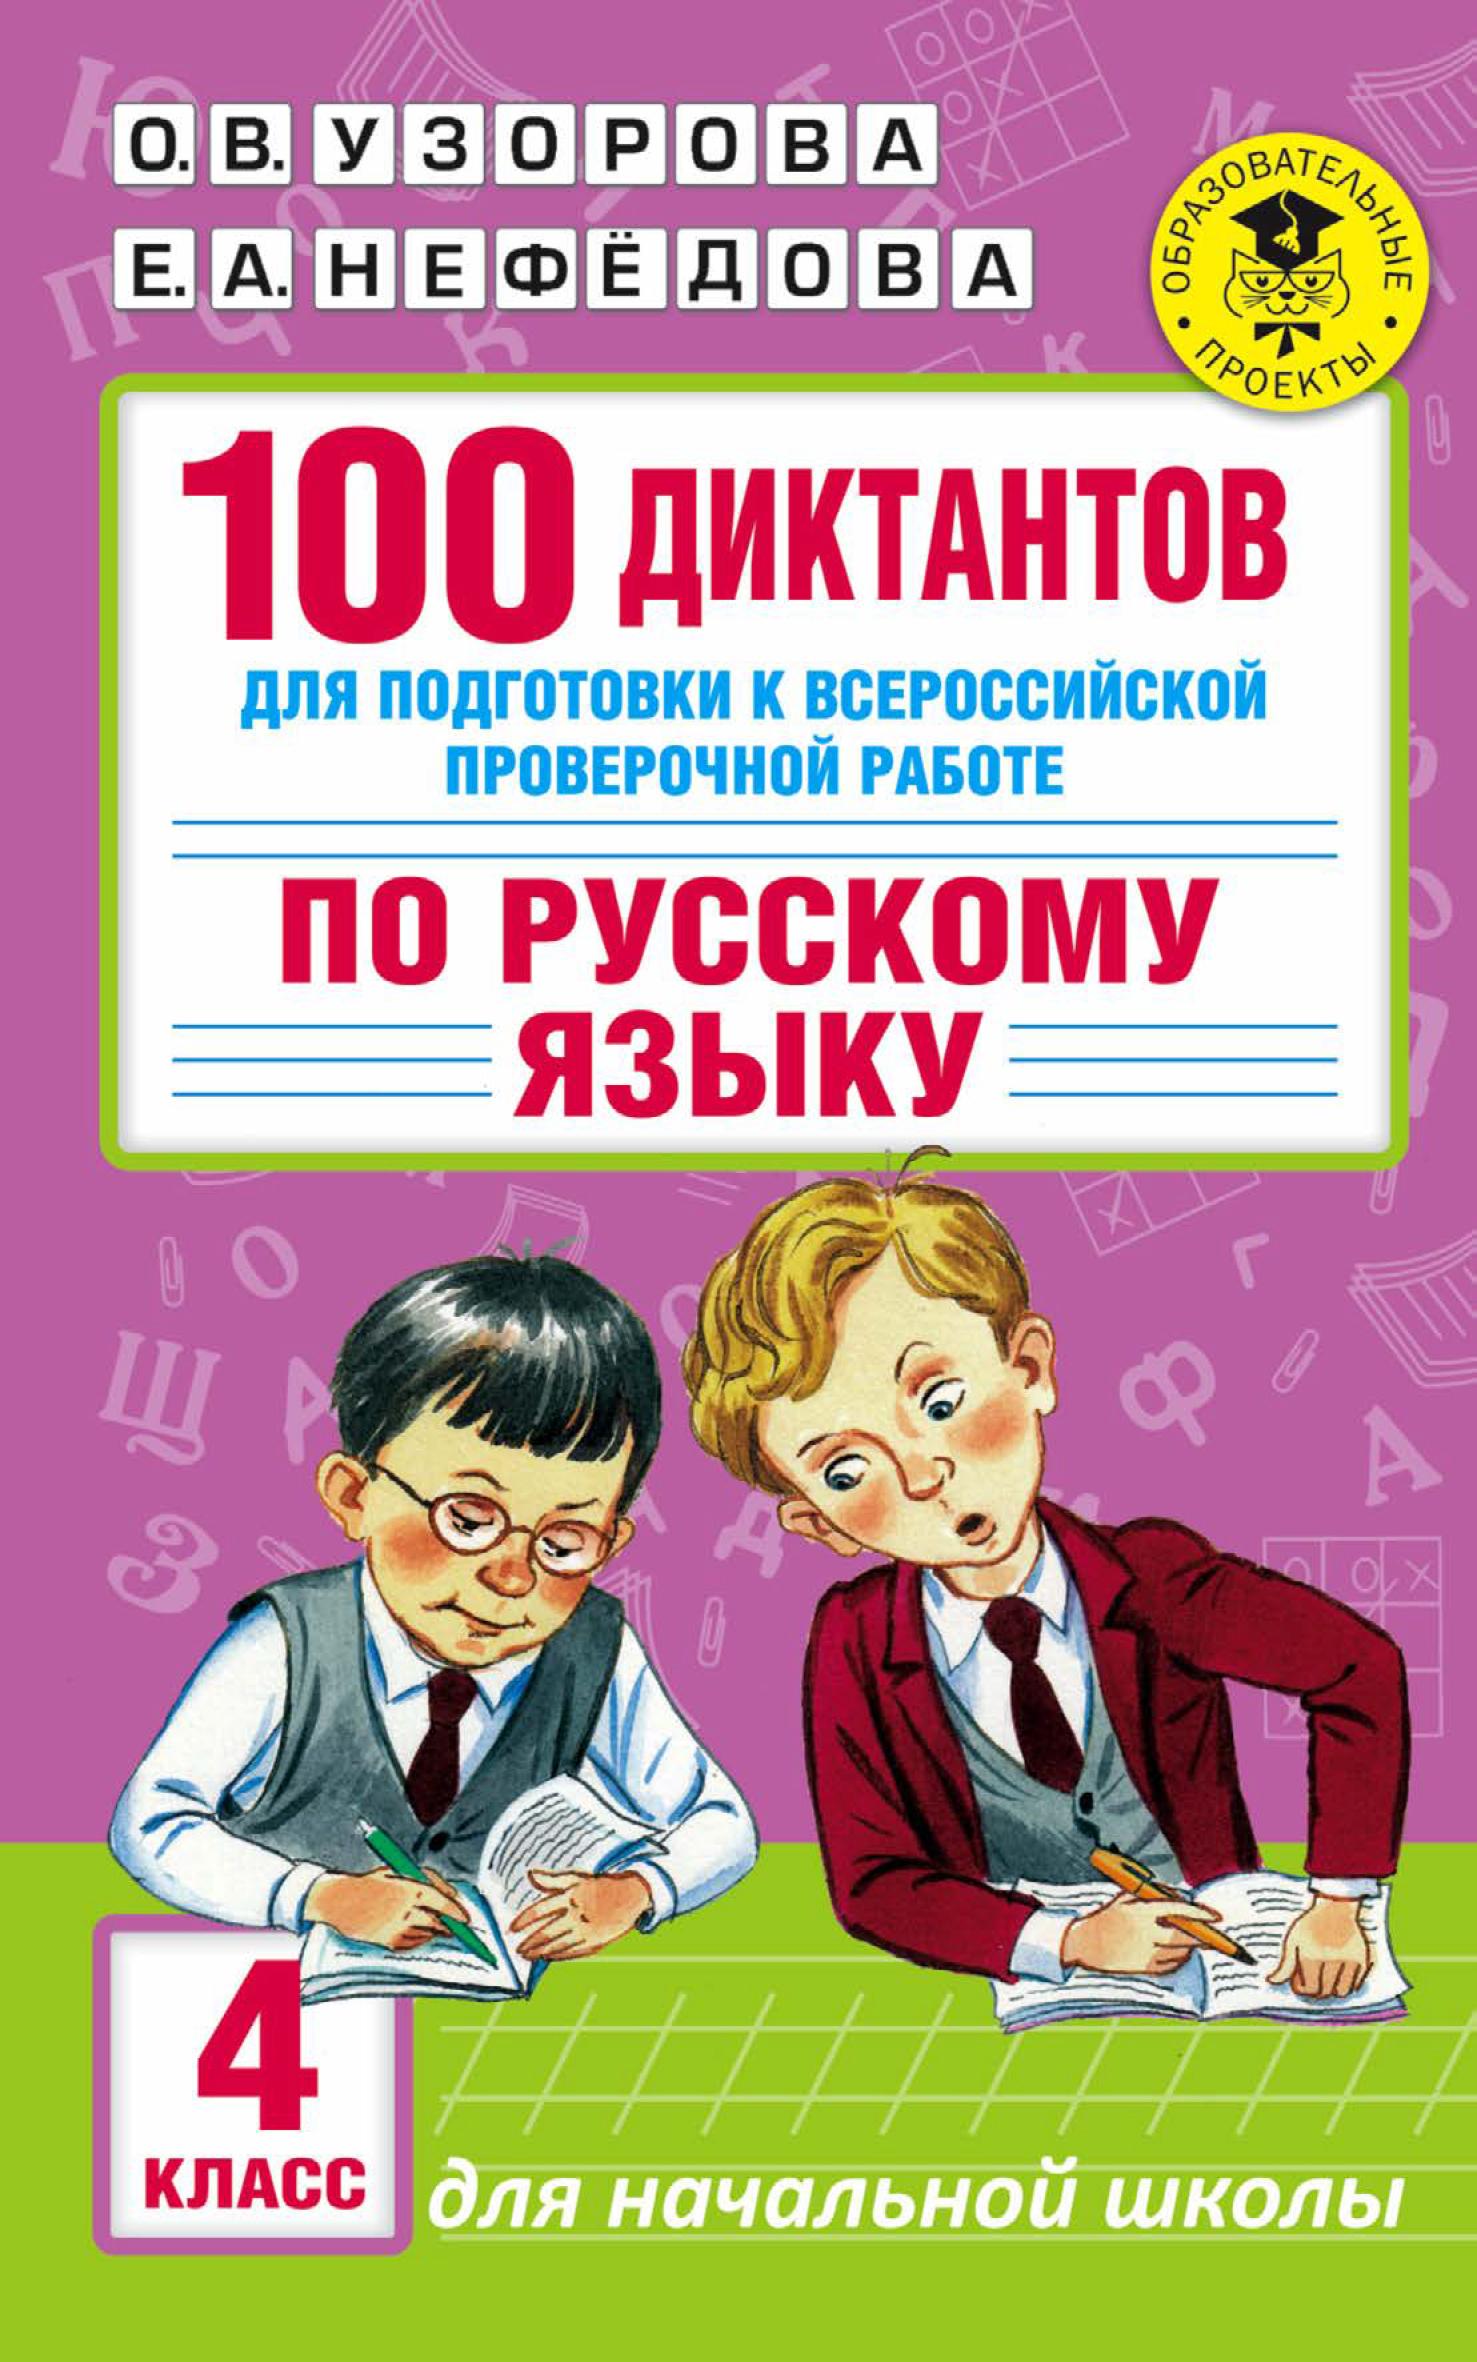 О. В. Узорова 100 диктантов для подготовки к Всероссийской проверочной работе по русскому языку. 4 класс